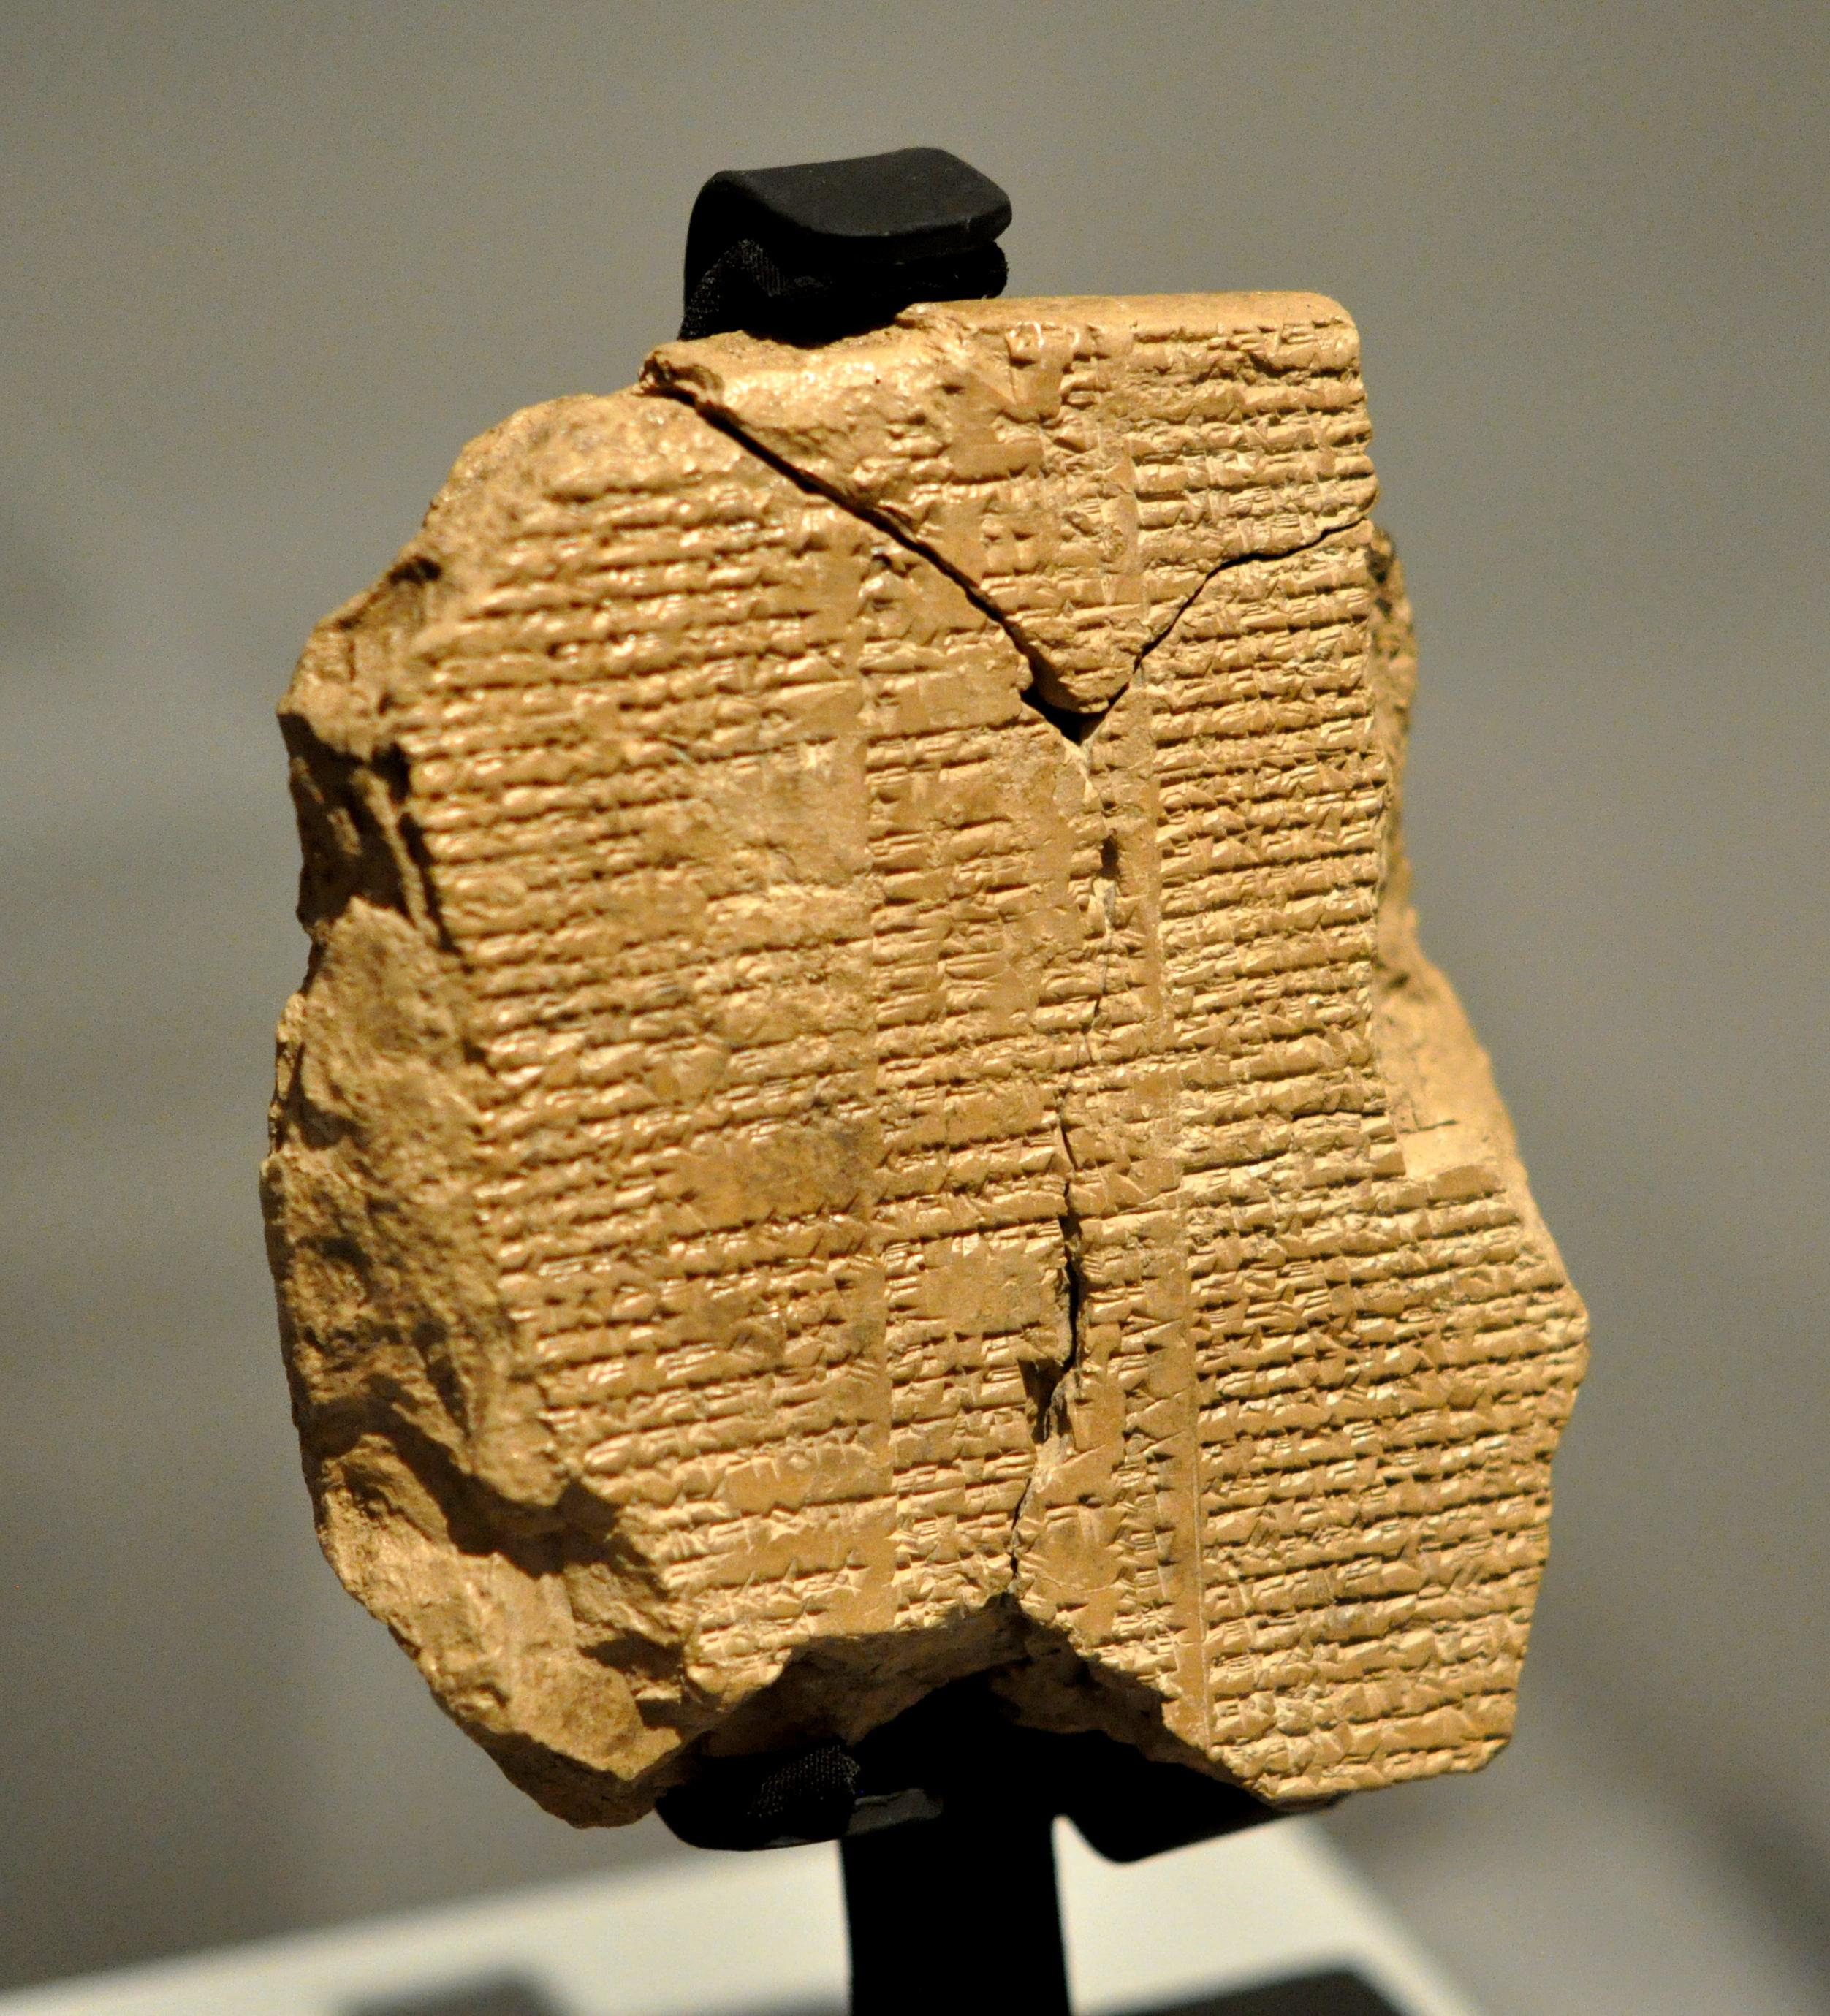 Part of Tablet V - Epic of Gilgamesh